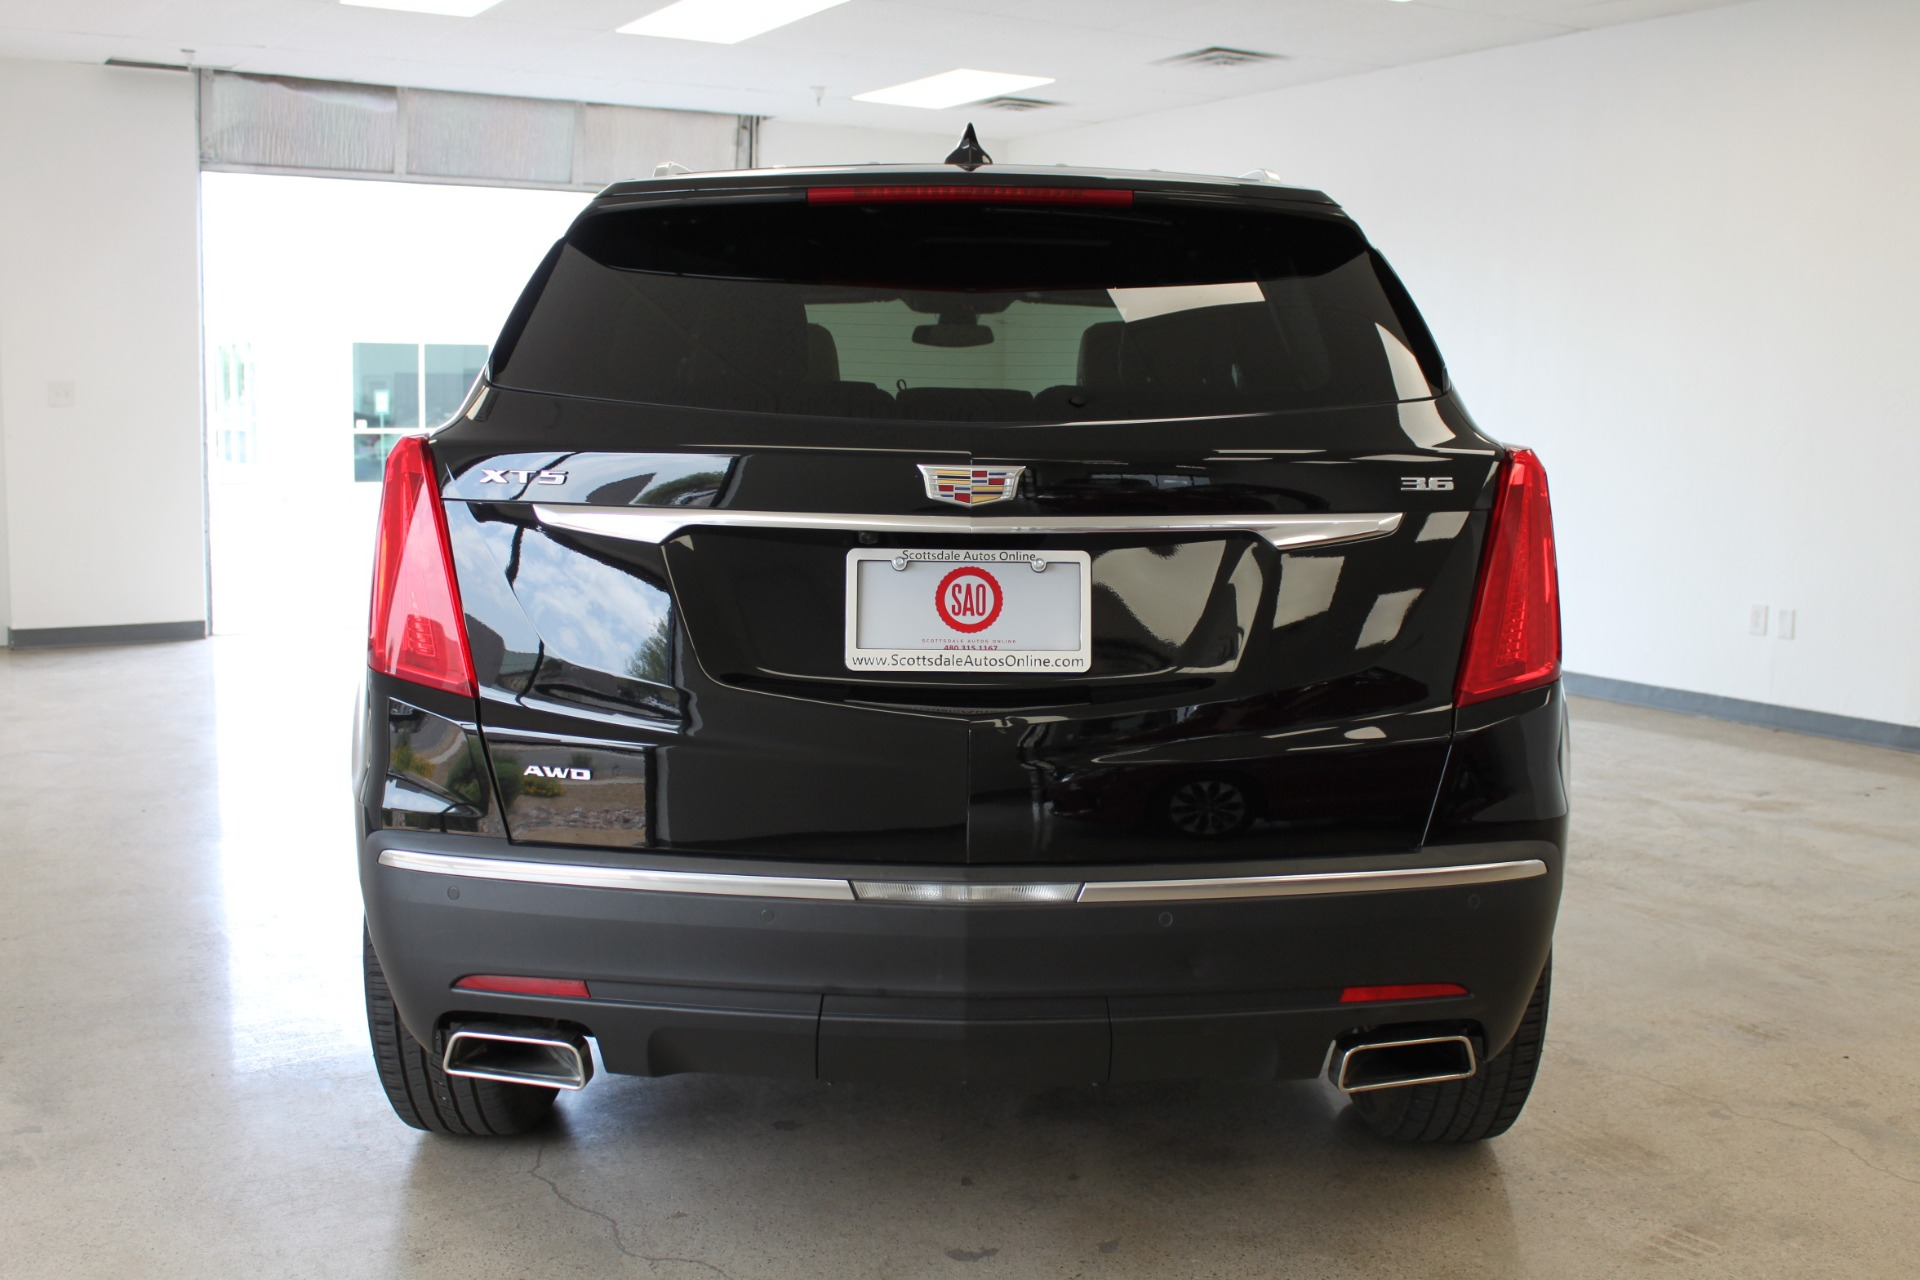 Used-2017-Cadillac-XT5-Luxury-All-Wheel-Drive-Luxury-AWD-Mopar